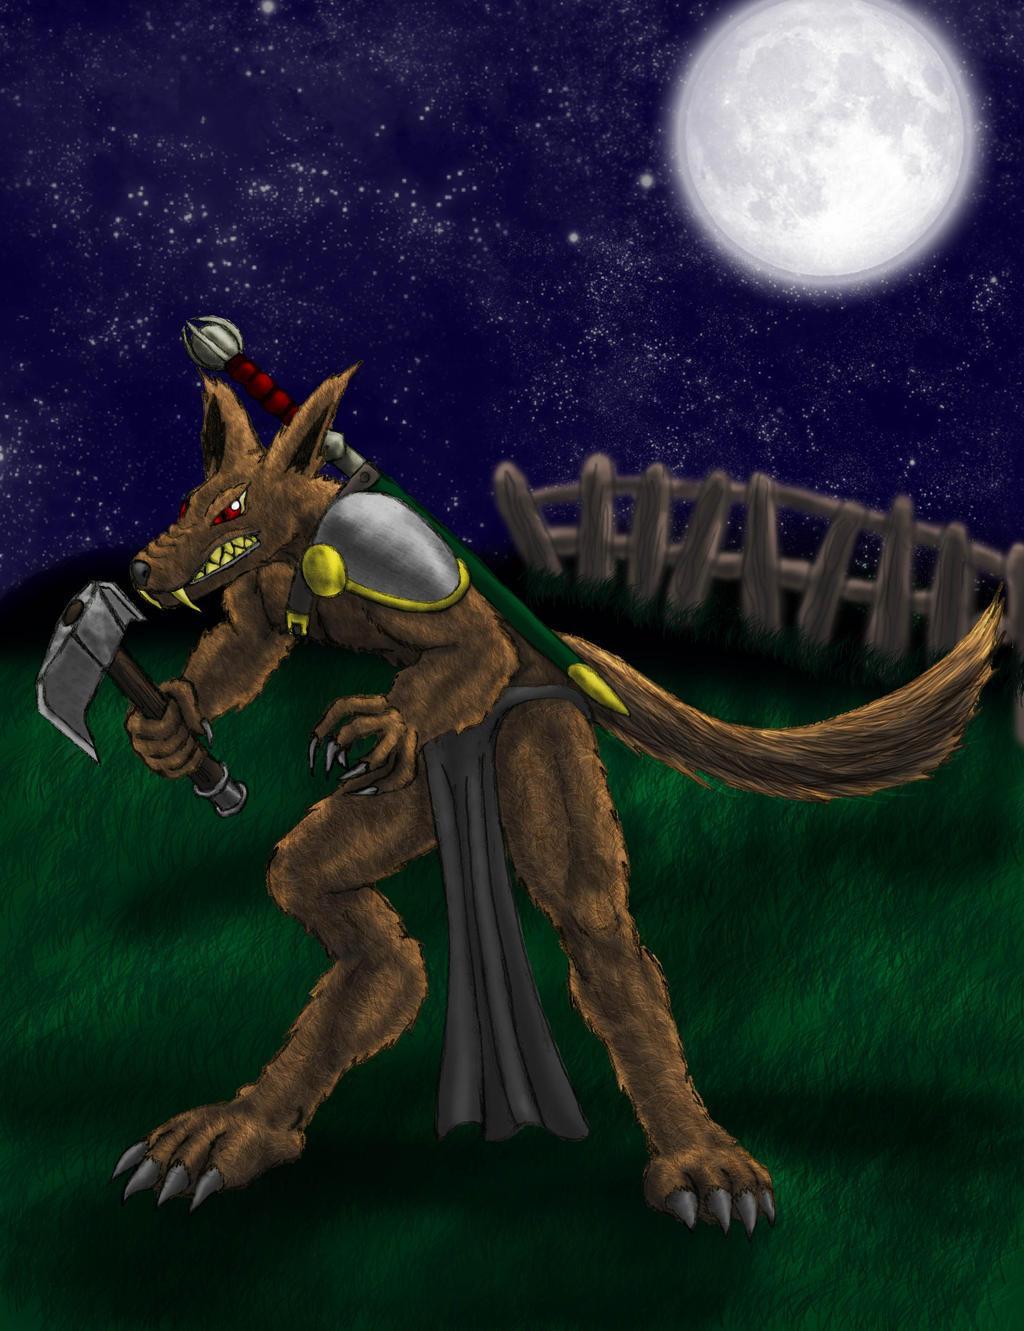 Werewolf Warrior by thedropkickninja on DeviantArt Werewolf Warrior Art